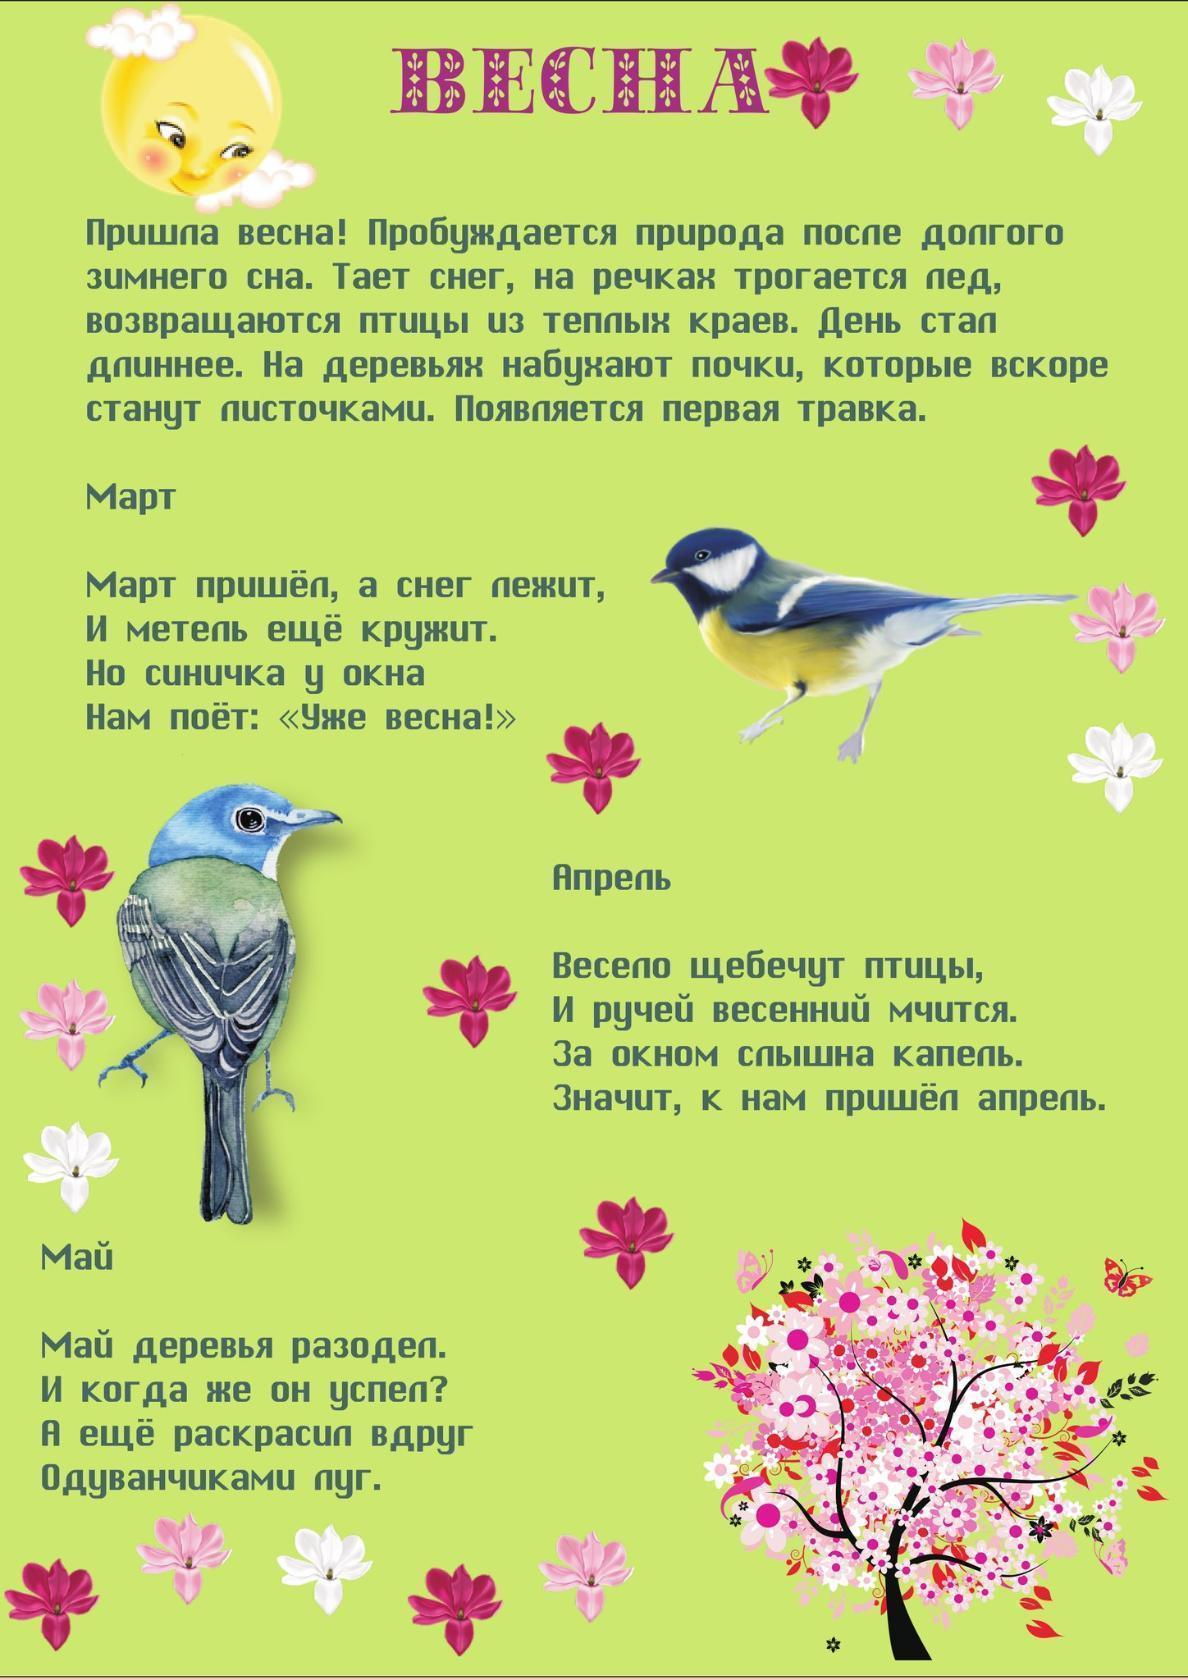 Весна и птицы стихи